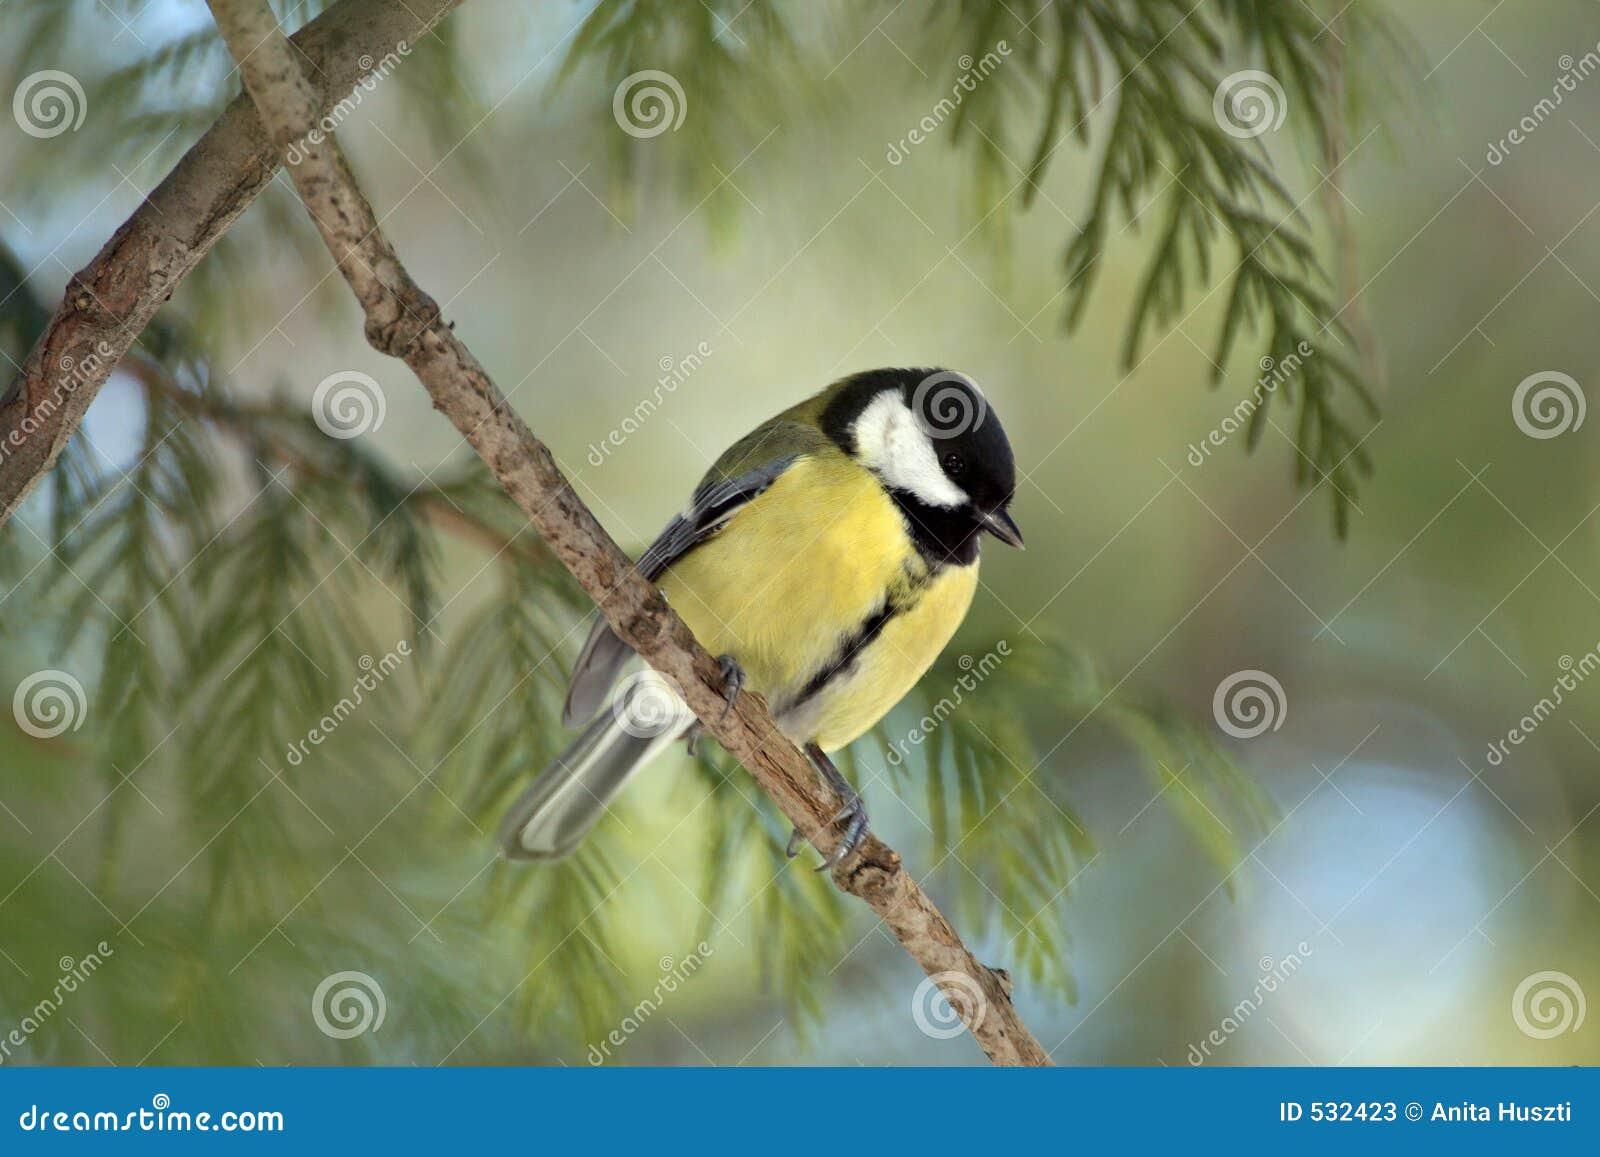 Download 山雀汤姆 库存图片. 图片 包括有 木头, 山雀, 汤姆, 少校, 结构树, 绿色, 双翼飞机, 黄色, 少许 - 532423